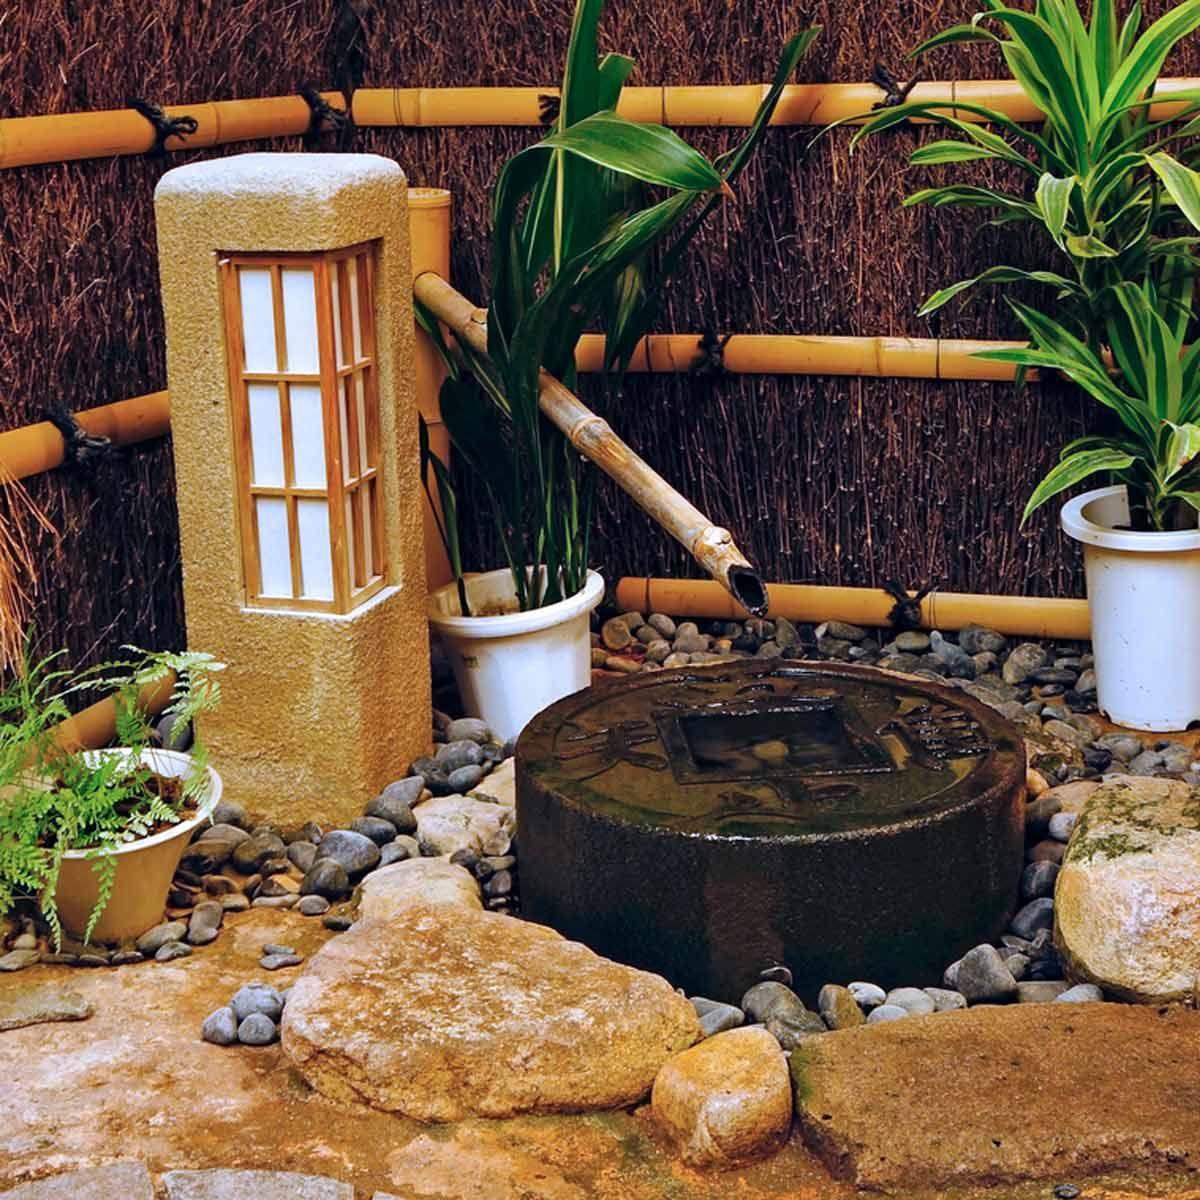 11 Zen Water Feature Ideas for Indoors in 2020 | Indoor ...